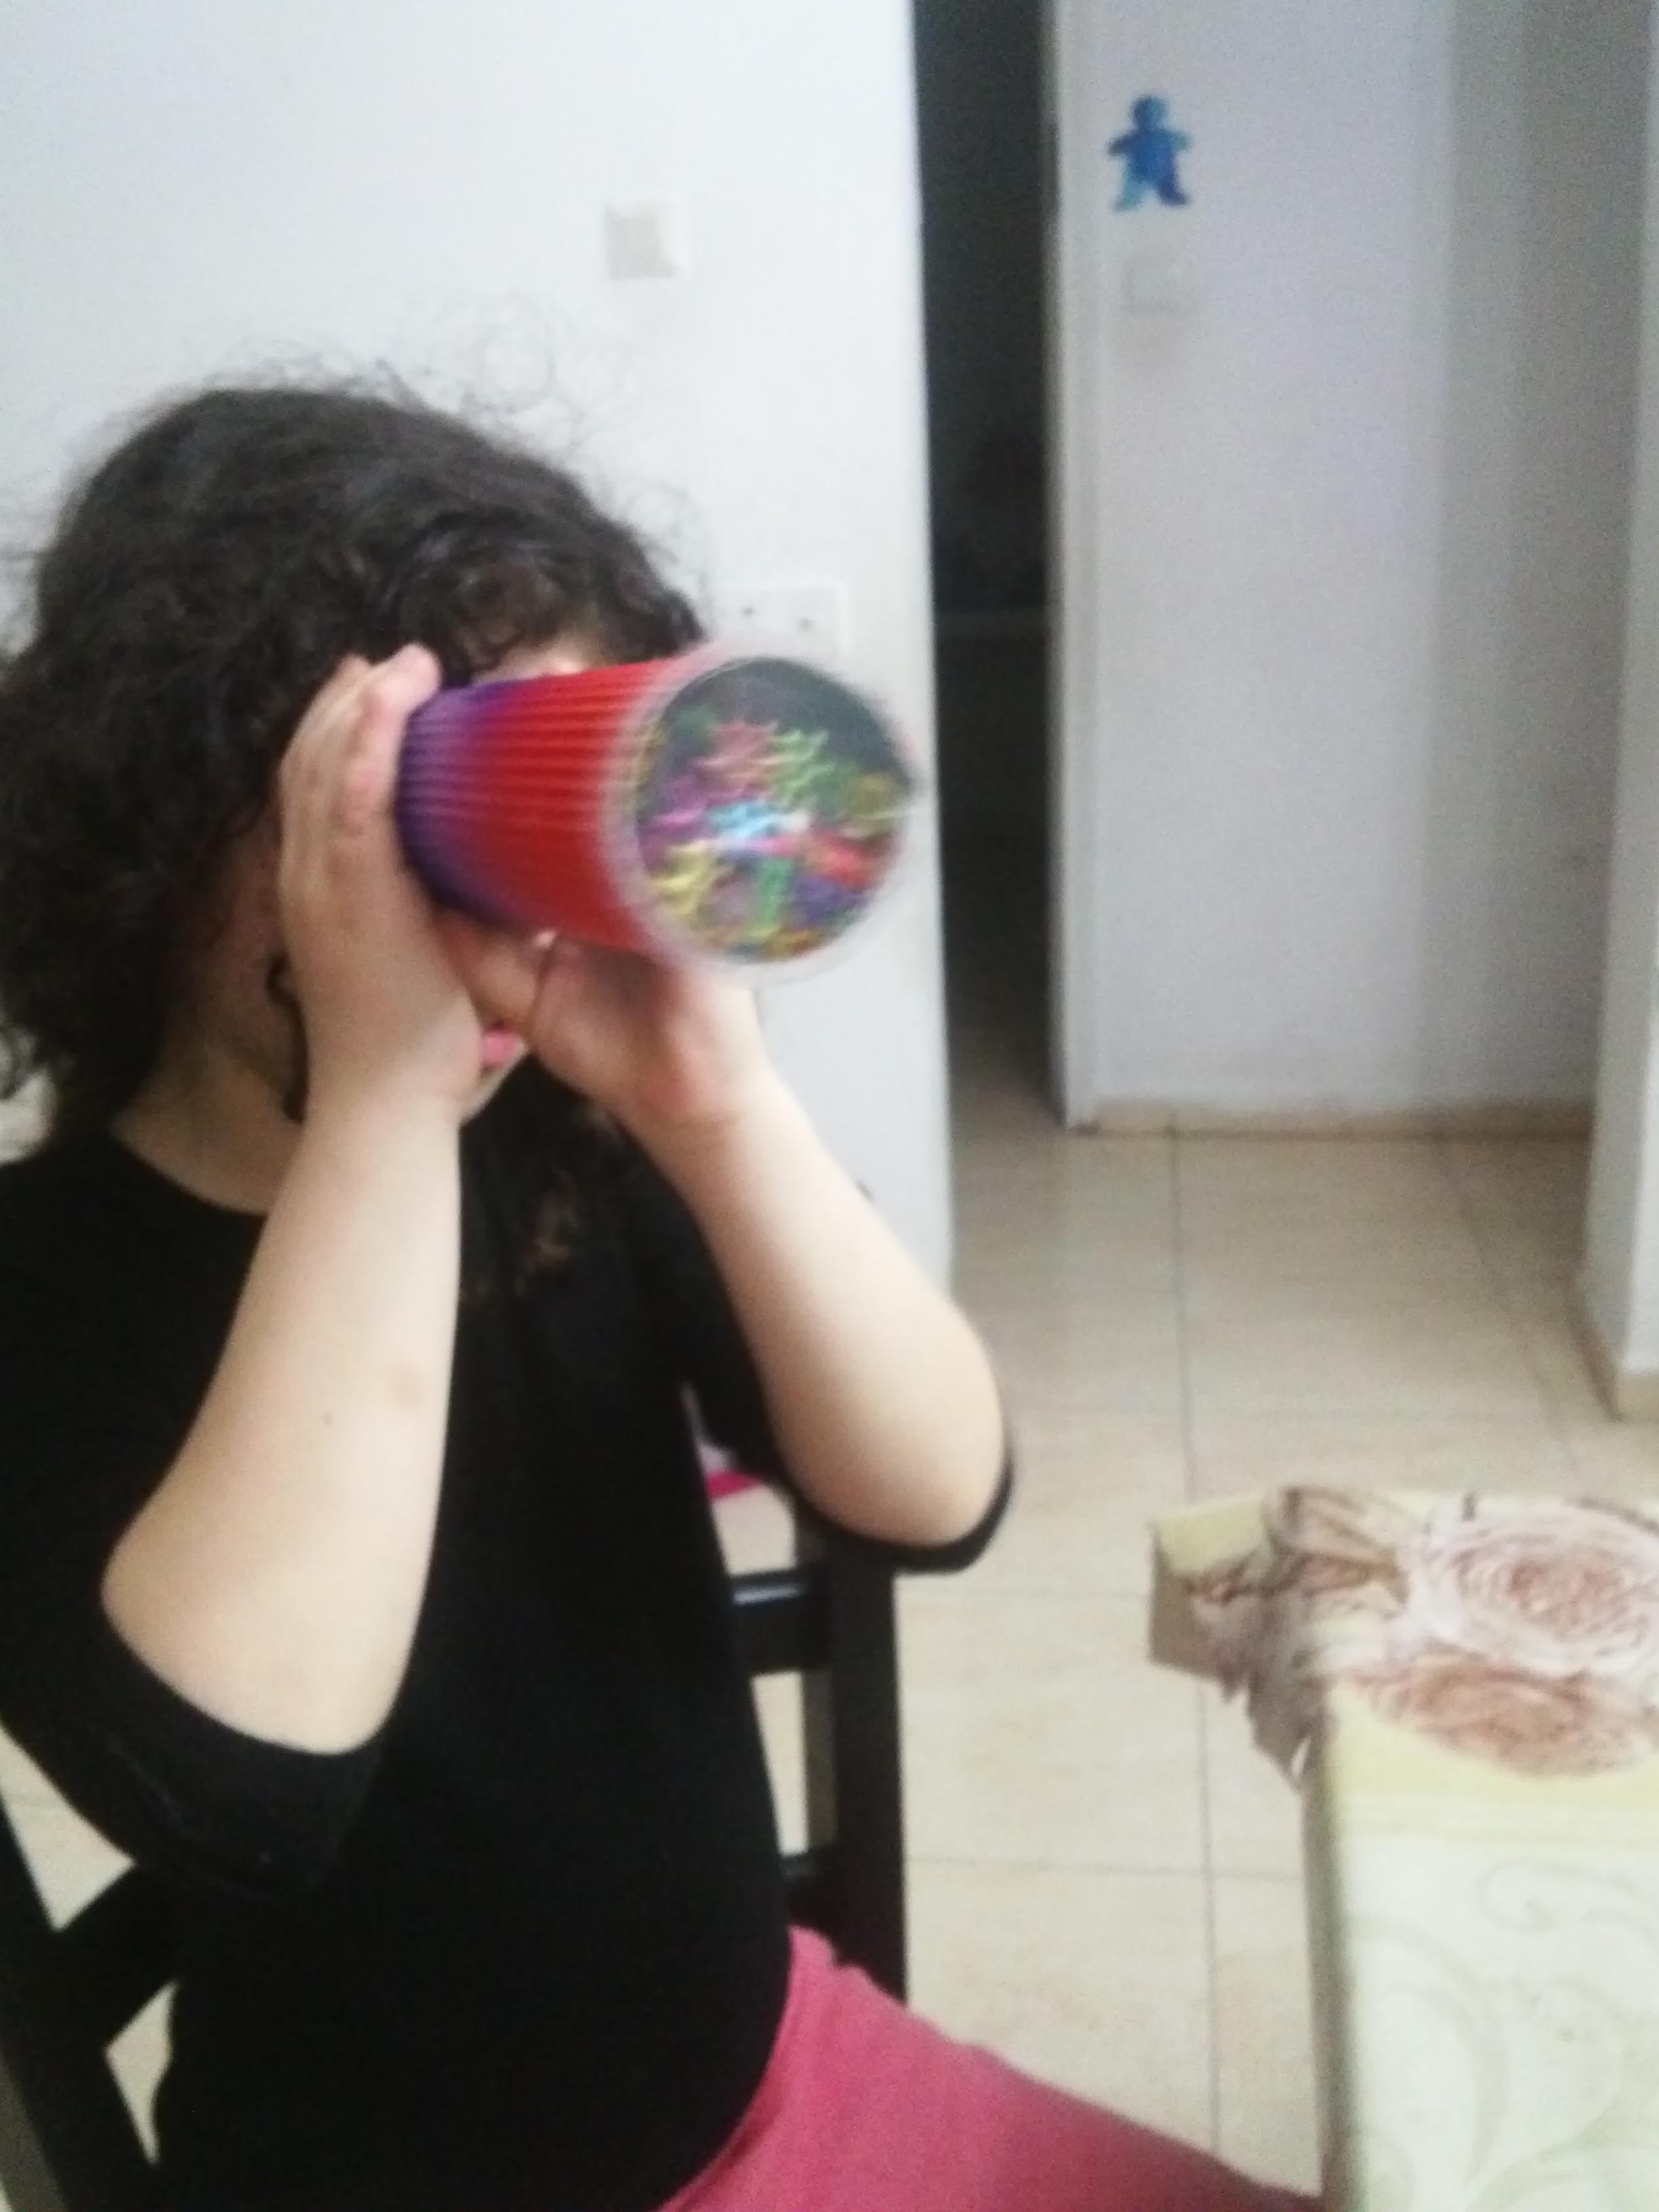 קלידוסקופ  - הפעלה לילדים בבית